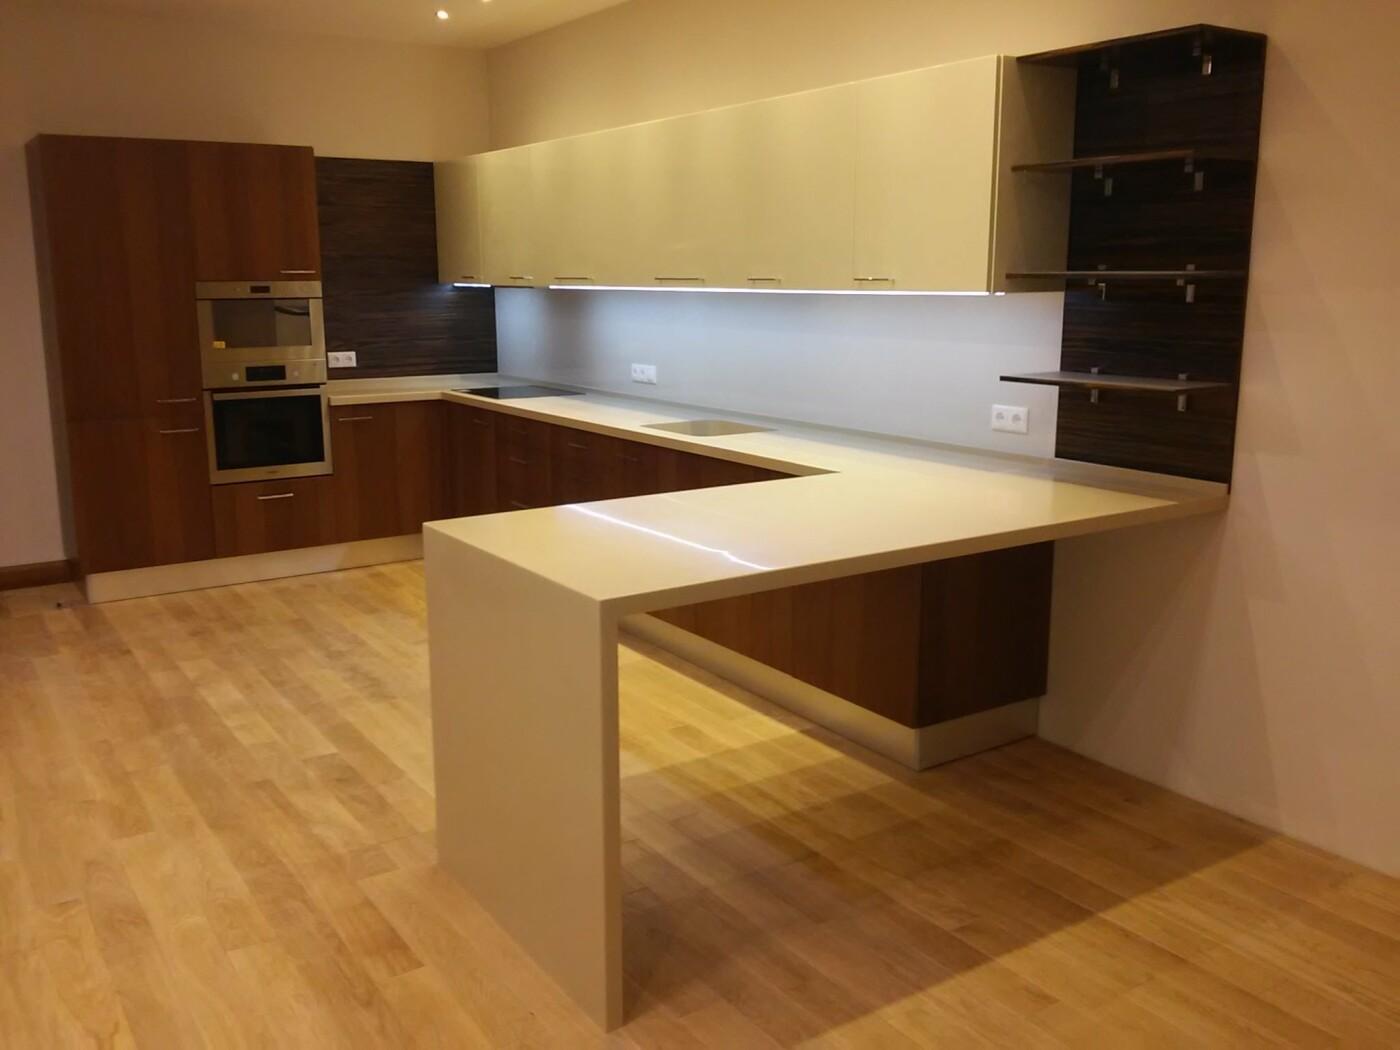 Компанія «Decorstone»: Широкий вибір якісних виробів з акрилового та кварцового каменю для дому за приємною ціною, фото-1